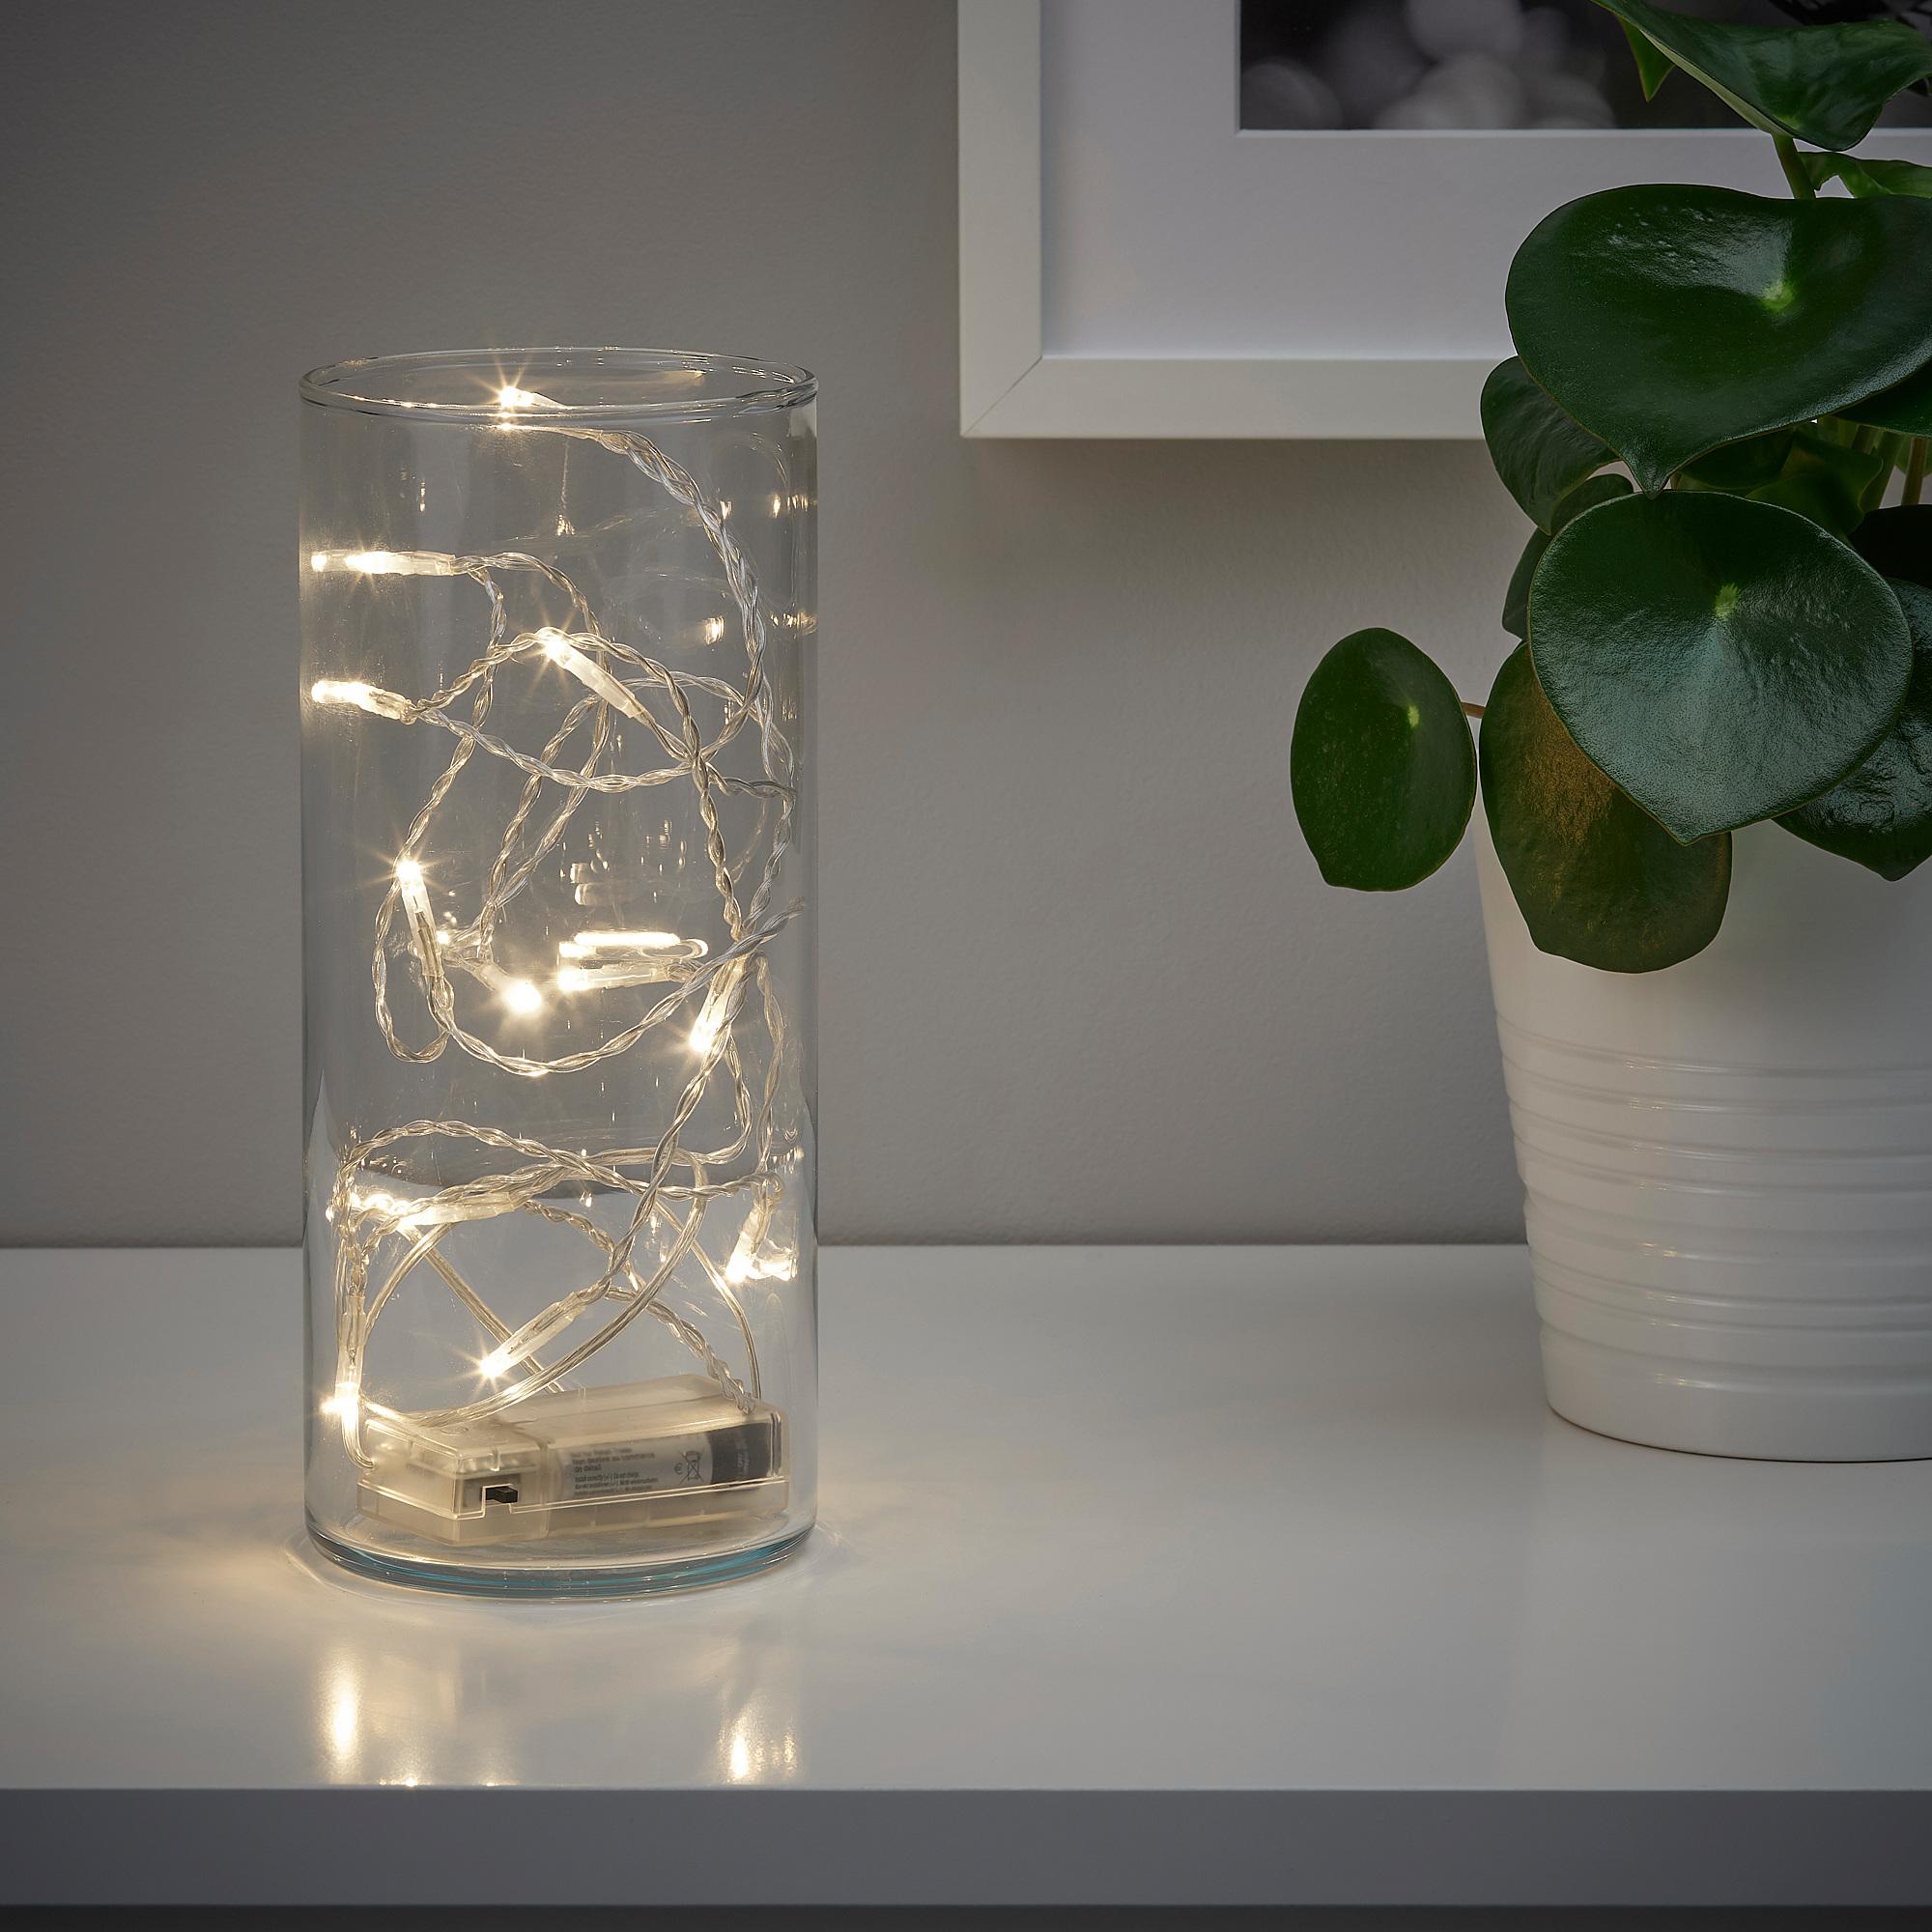 LEDFYR - LED裝飾燈串/12個燈泡, 室內/電池式 銀色 | IKEA 臺灣